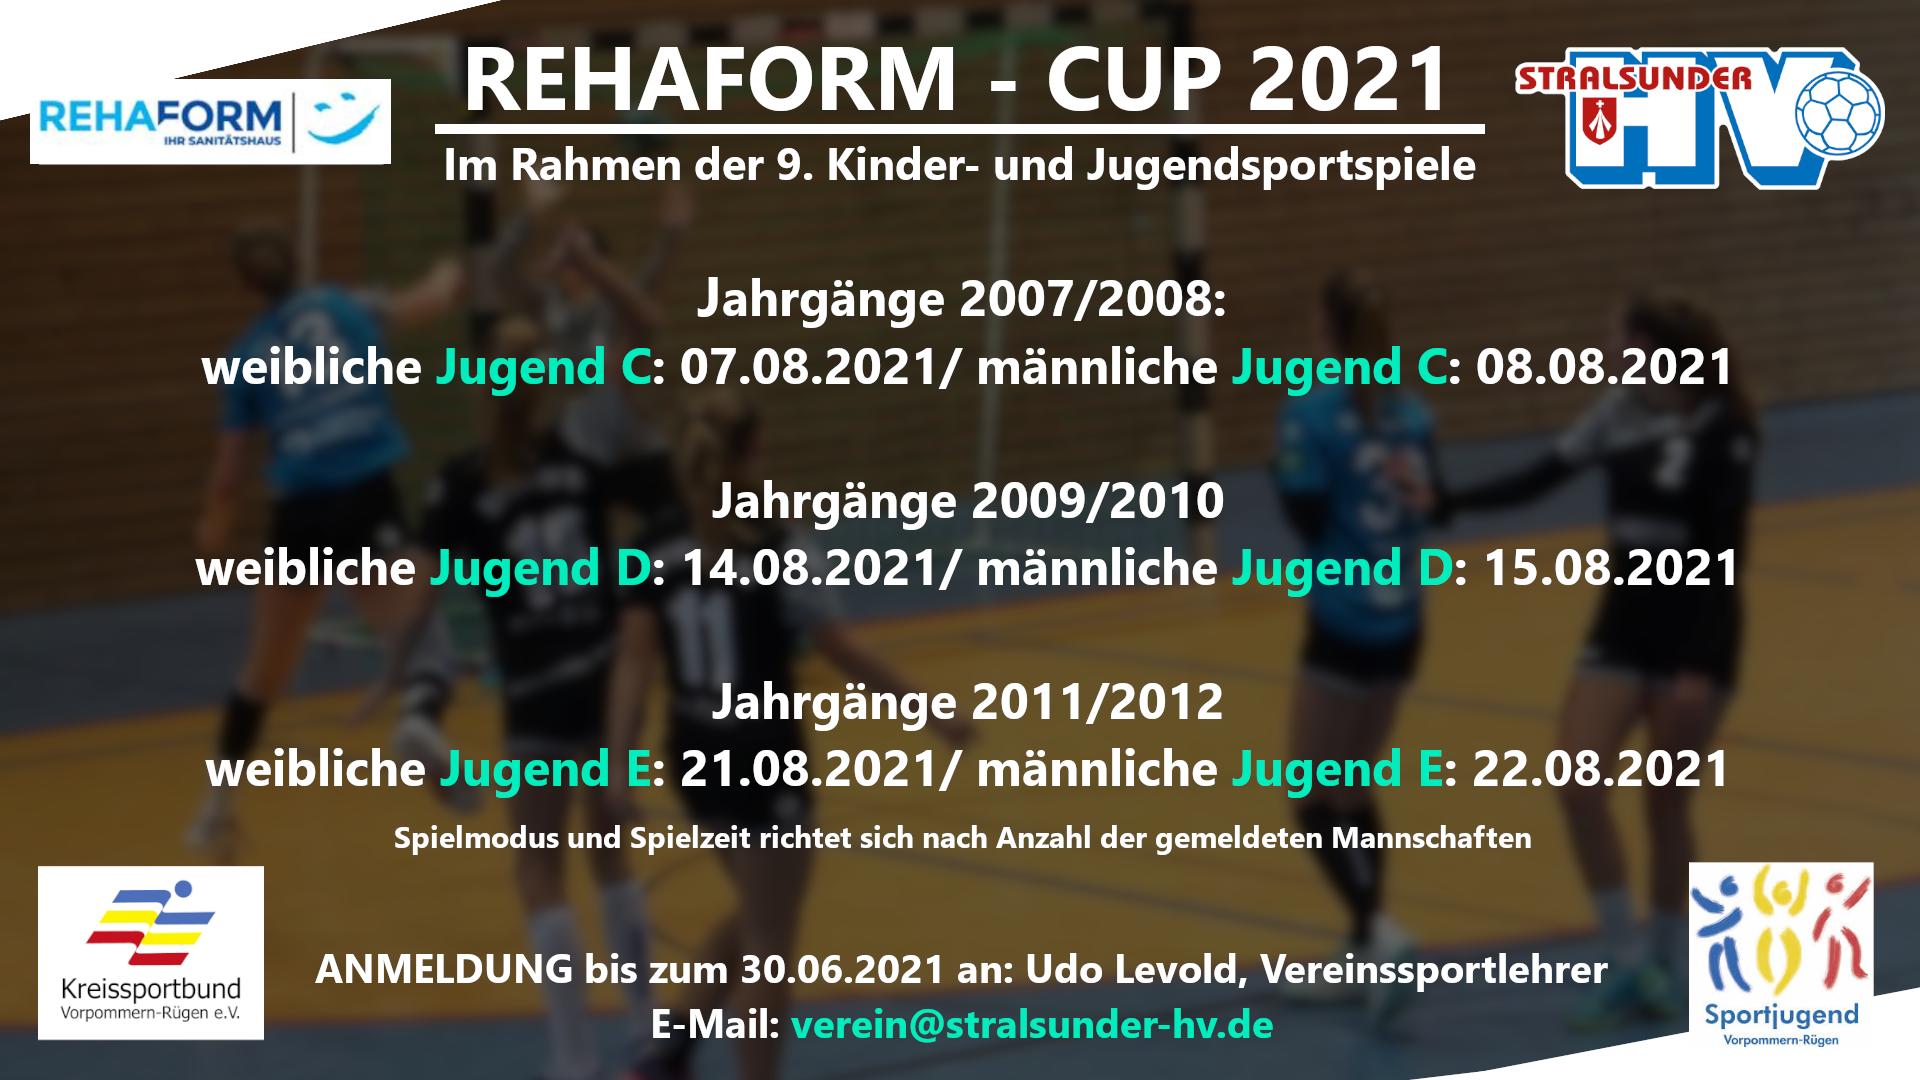 Der REHAFORM-CUP geht in die nächste Runde